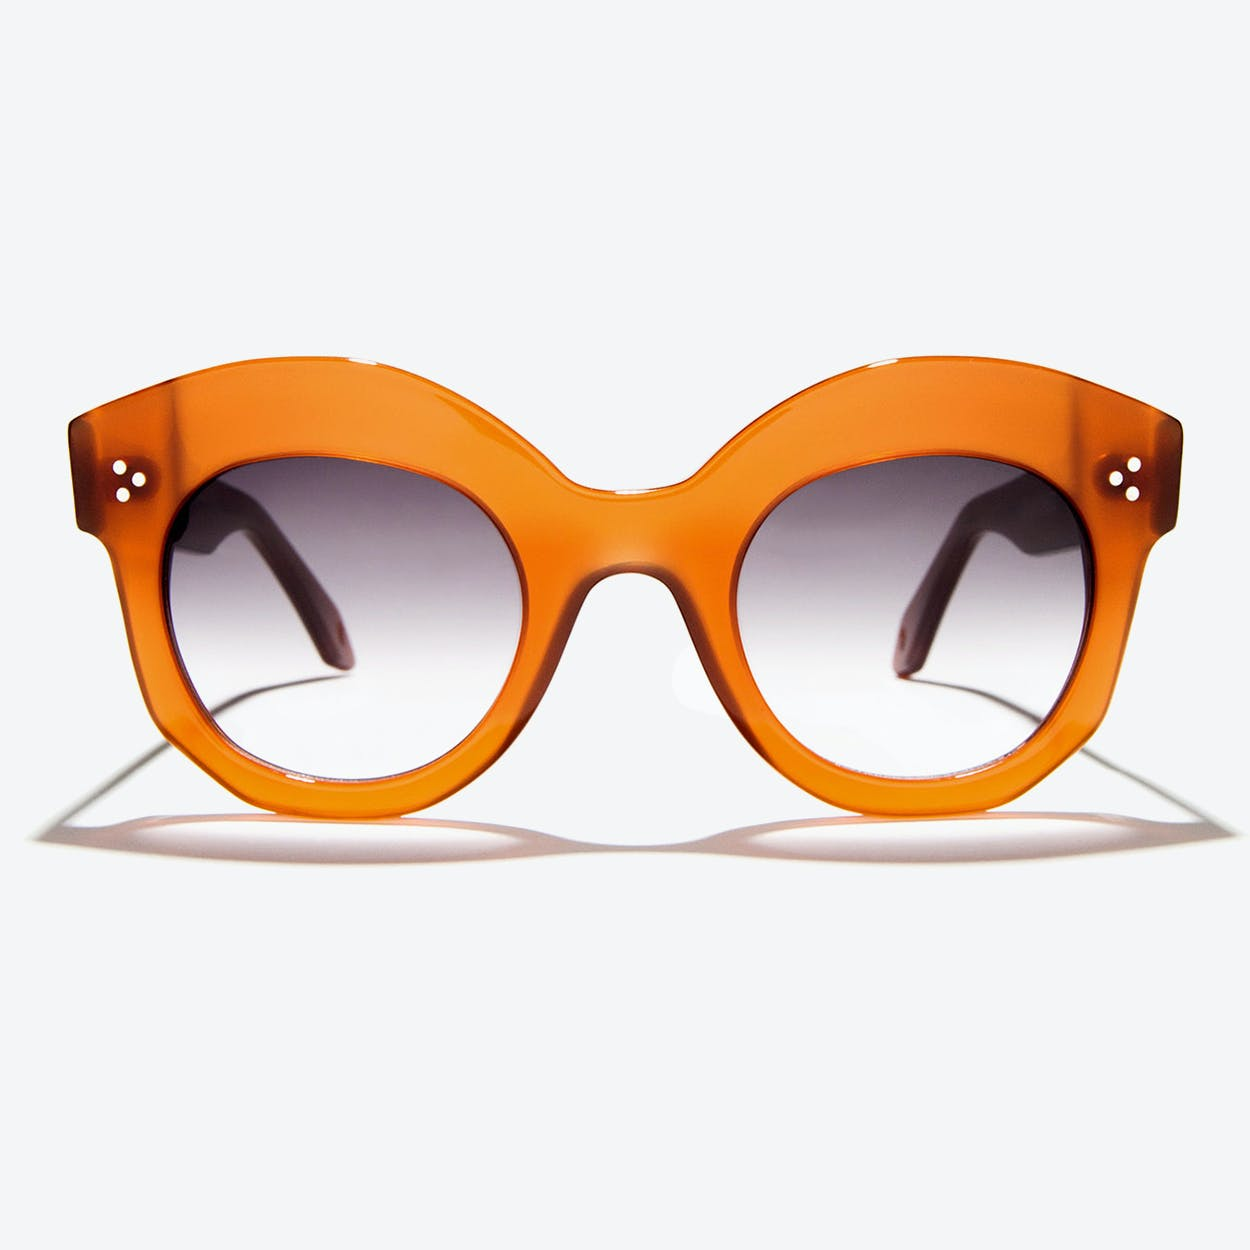 Siren Sunglasses in Orange